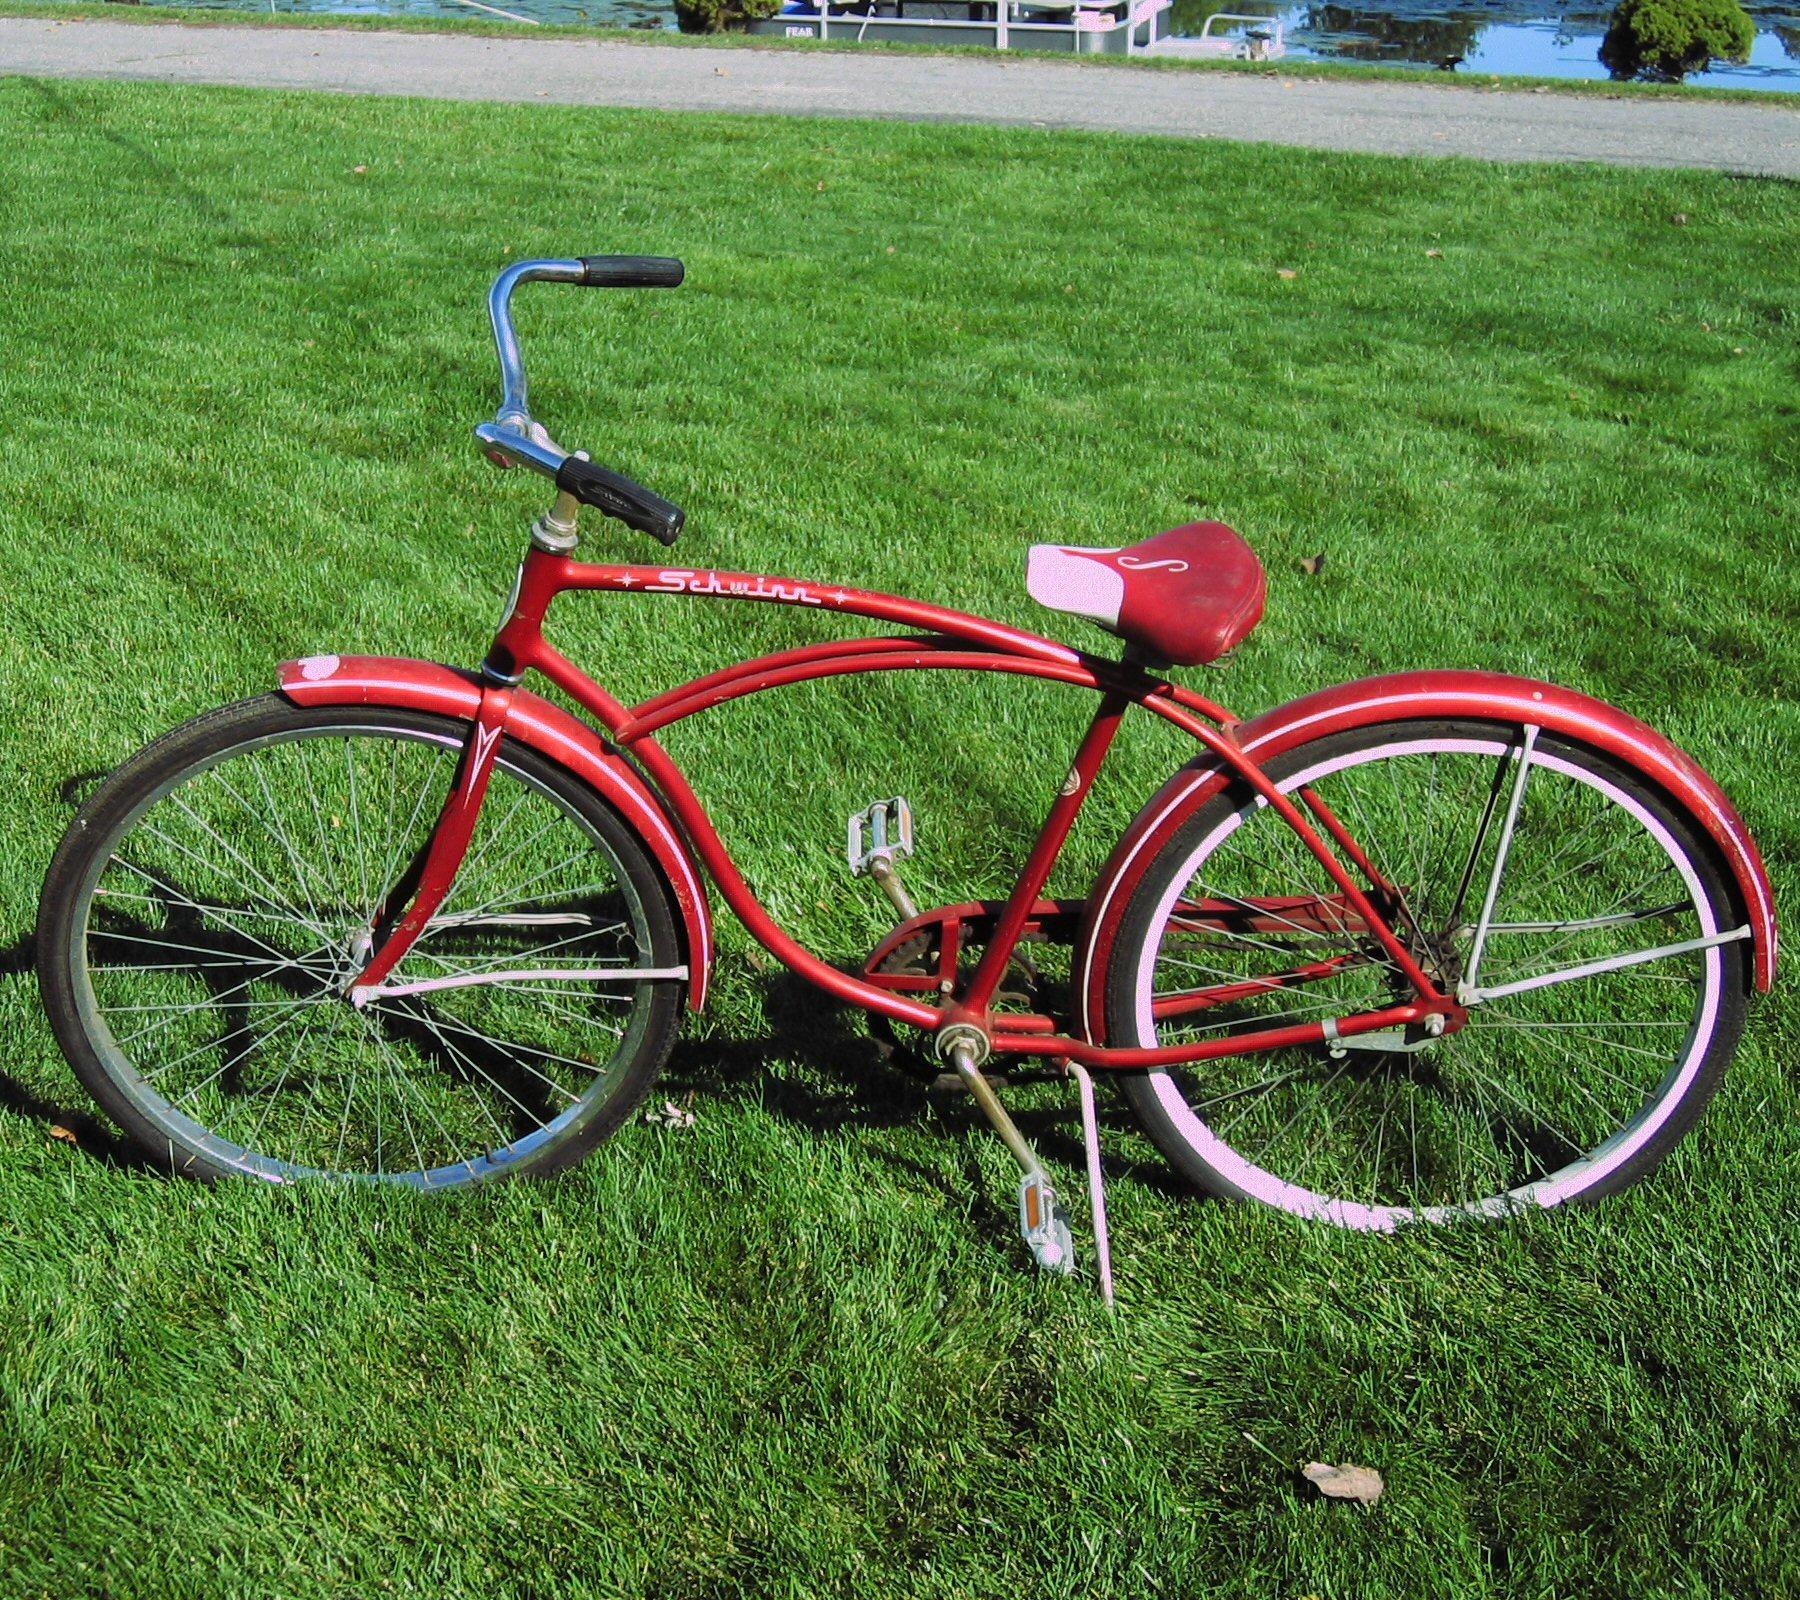 Bikes 2 Nv Ramps LAKE BROWNWOOD DAM RAMP BOAT